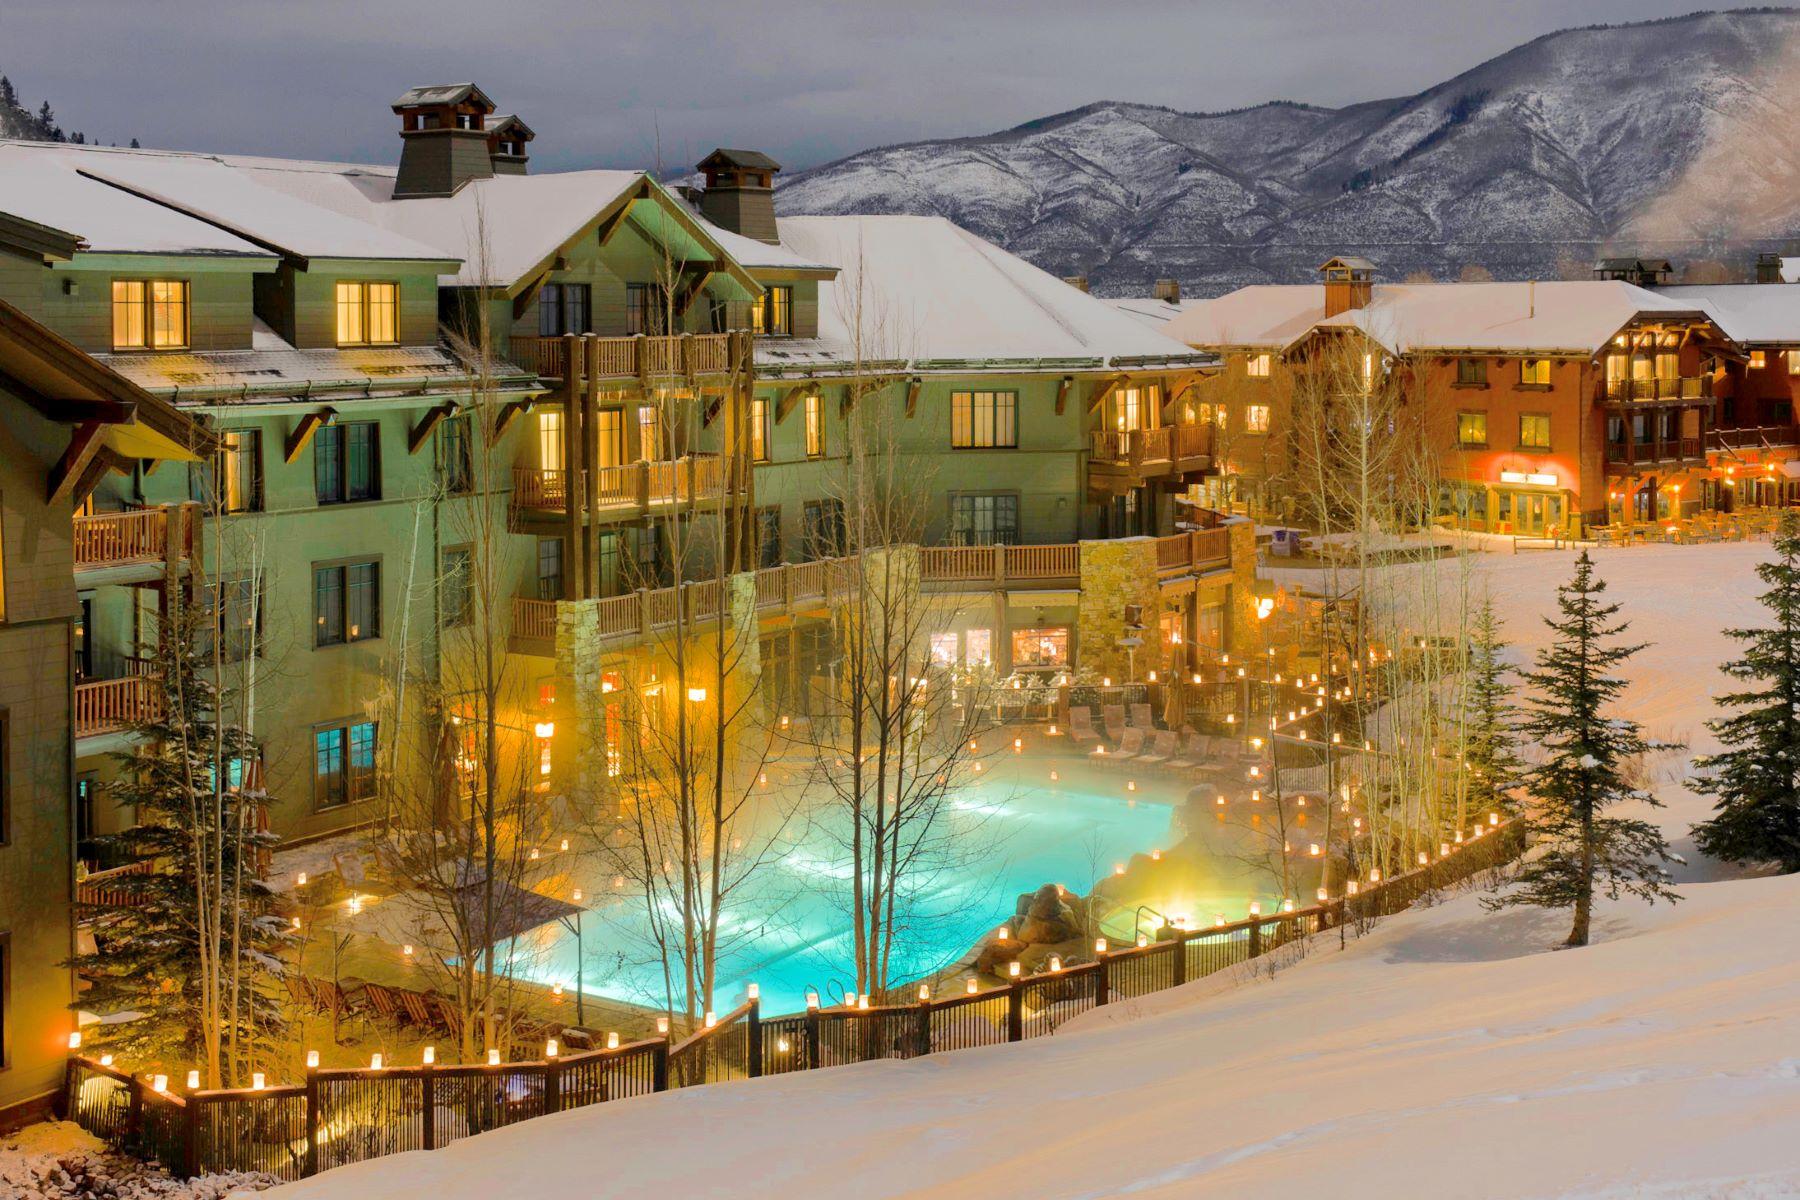 Proprietà condivisa per Vendita alle ore Ritz-Carlton Club Condo Fractional Interest, 8403, Winter Interest 4 0075 Prospector Road, 8403, Winter Interest 4 Aspen, Colorado, 81611 Stati Uniti